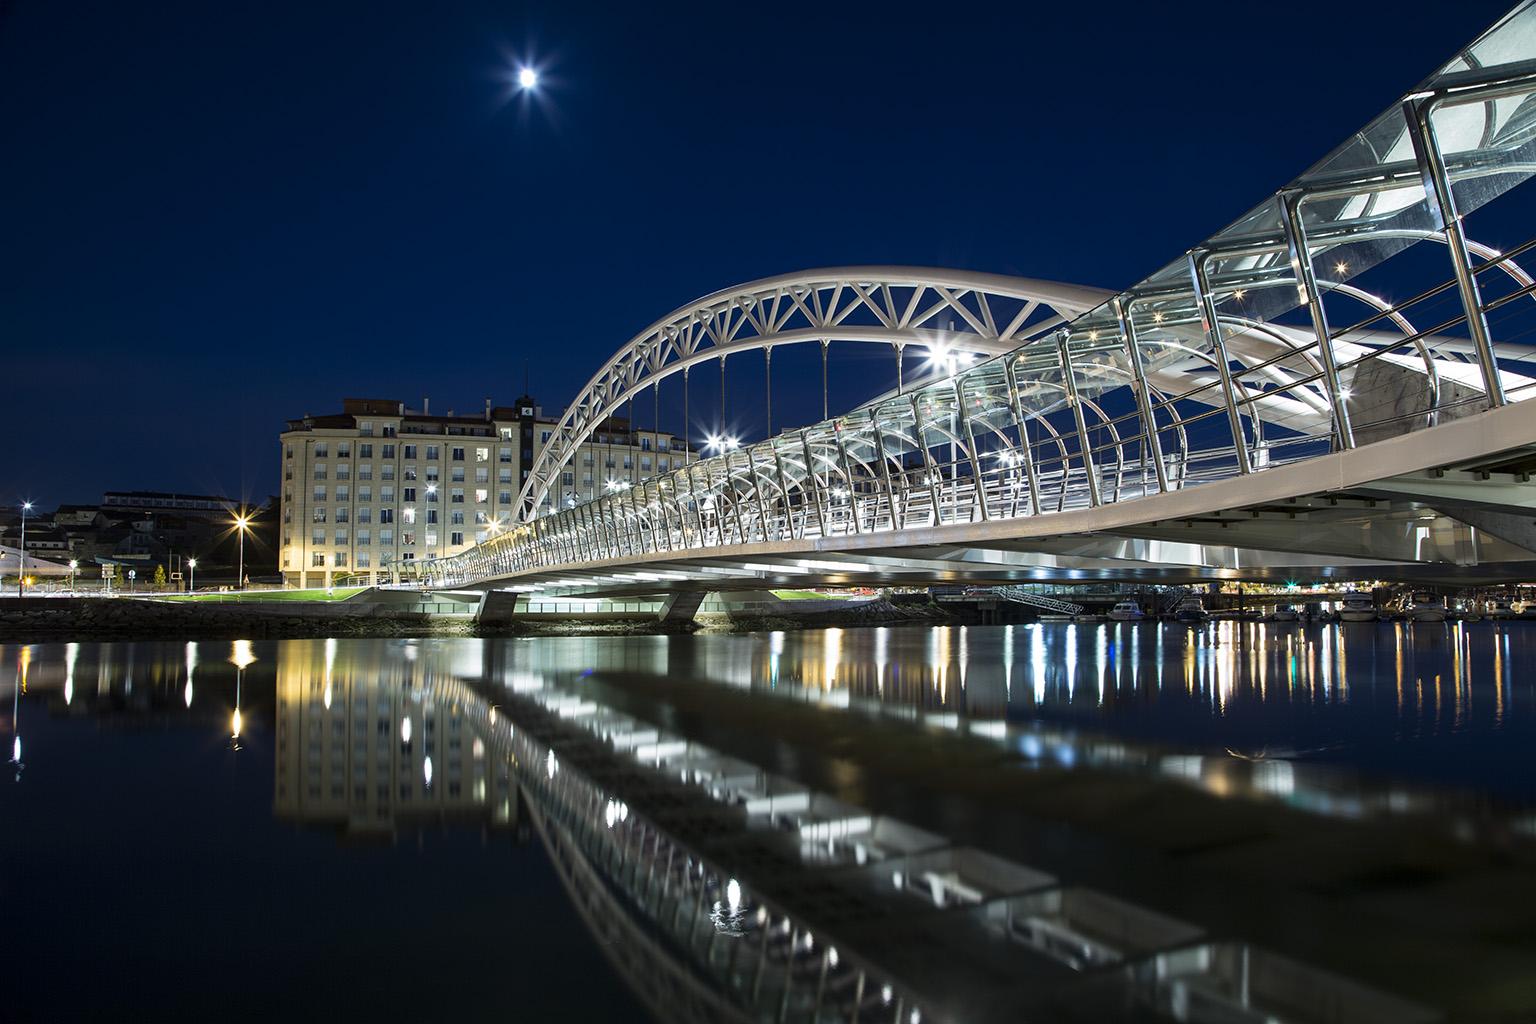 Aprendetecno puente de las corrientes pontevedra - Empresas de construccion en pontevedra ...